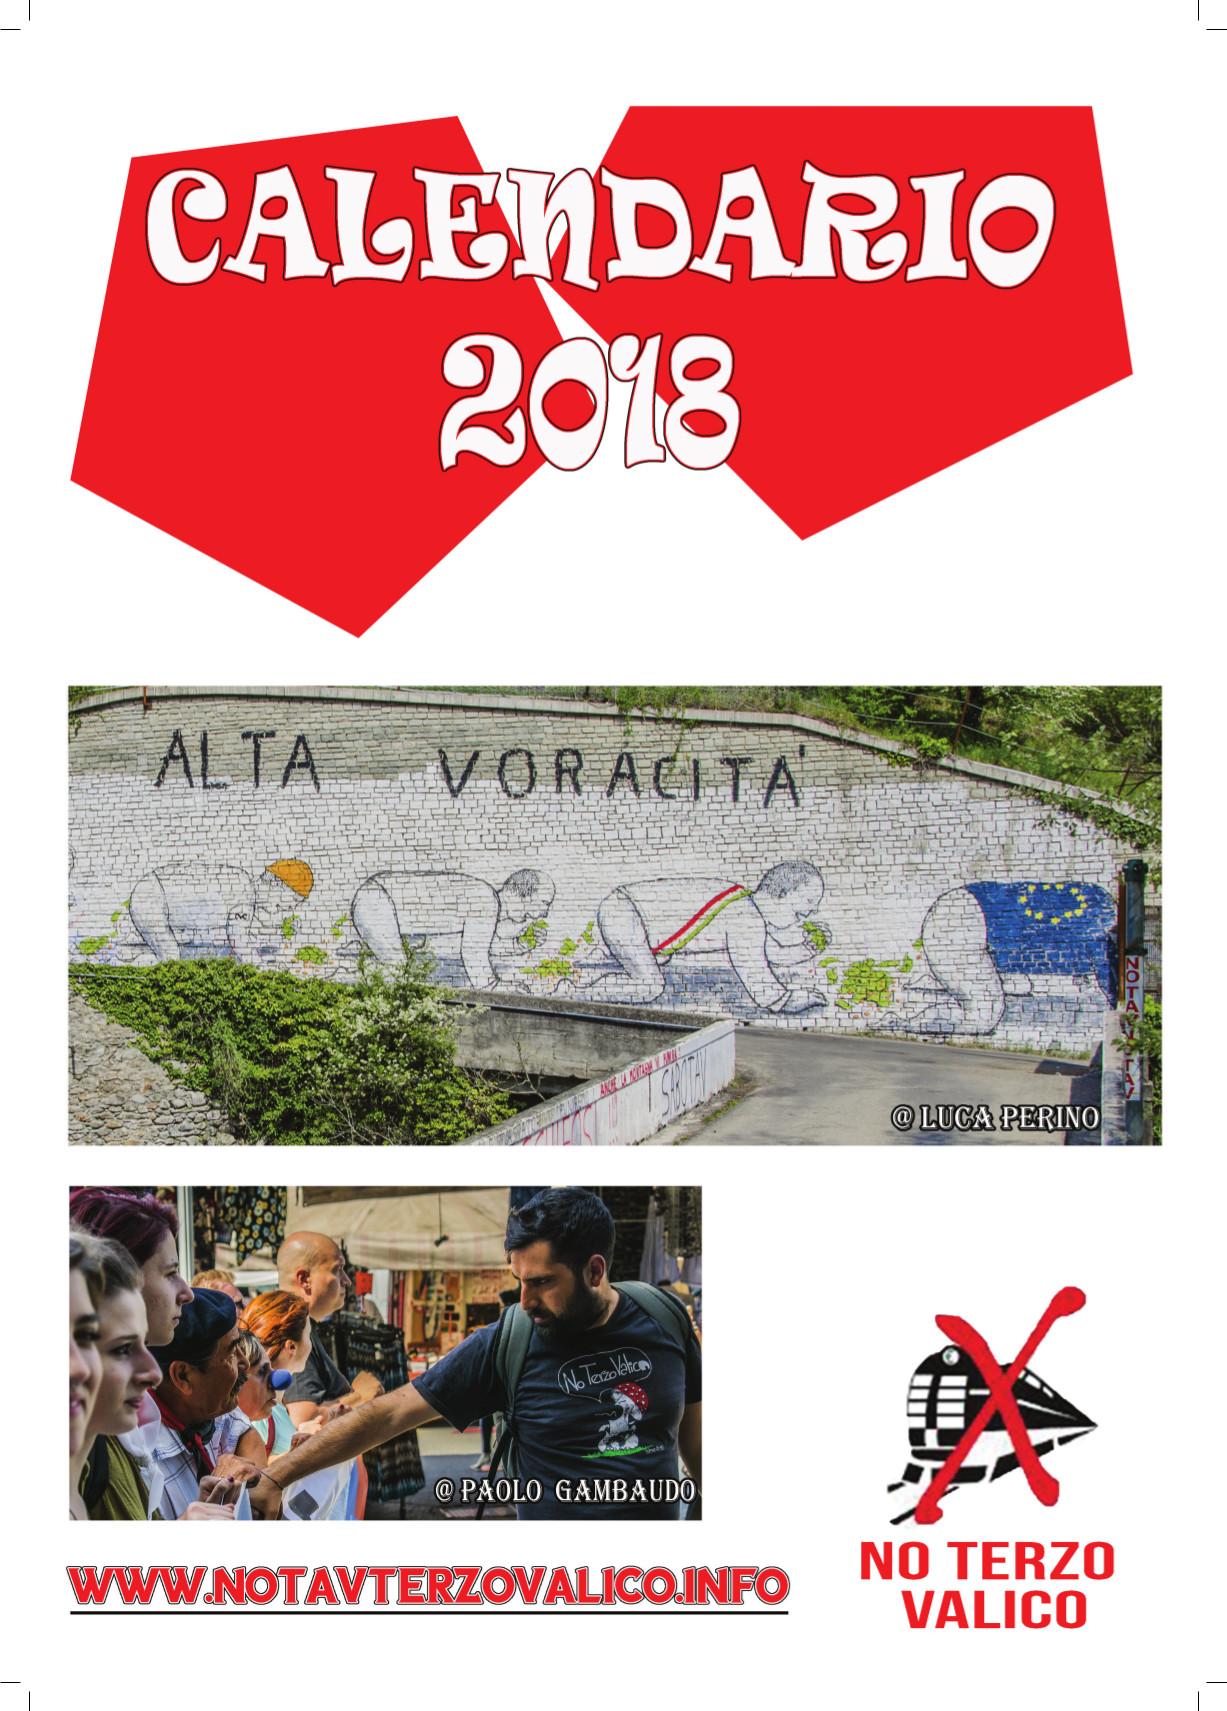 E' disponibile il calendario No Terzo Valico 2018